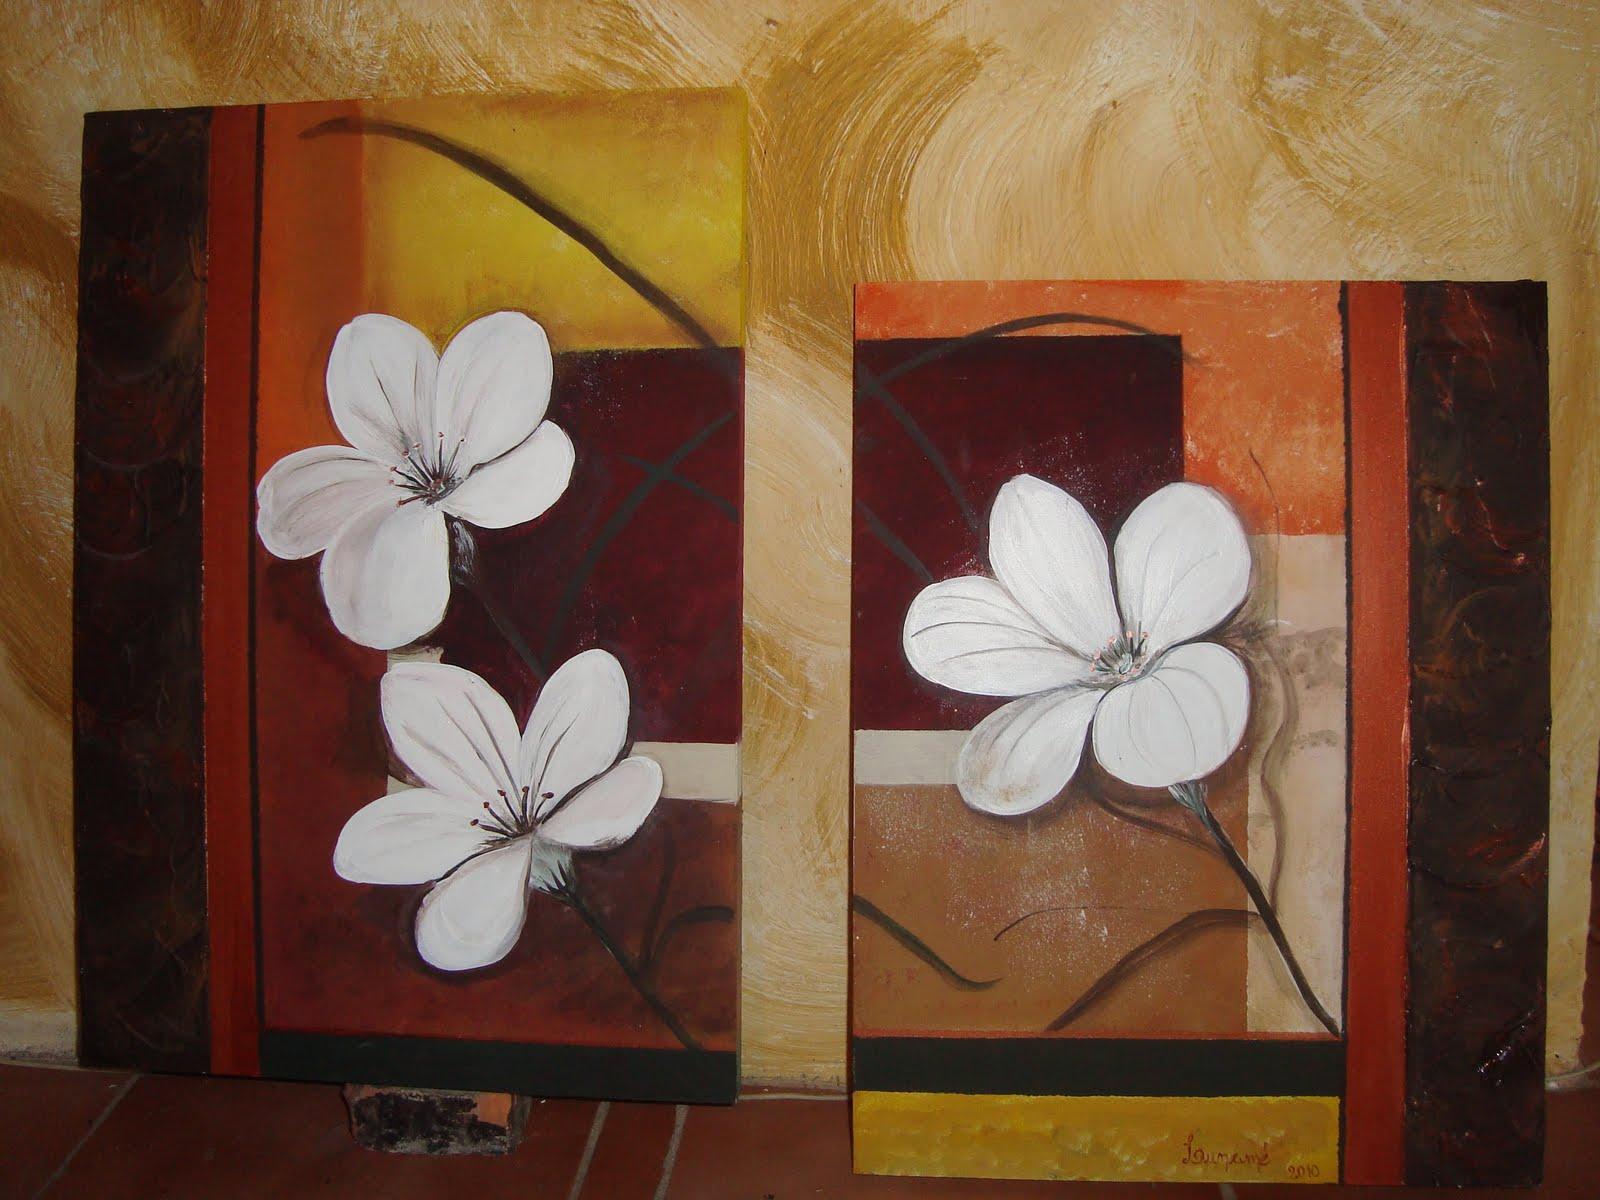 Luname cuadros for Imagenes de cuadros abstractos con texturas